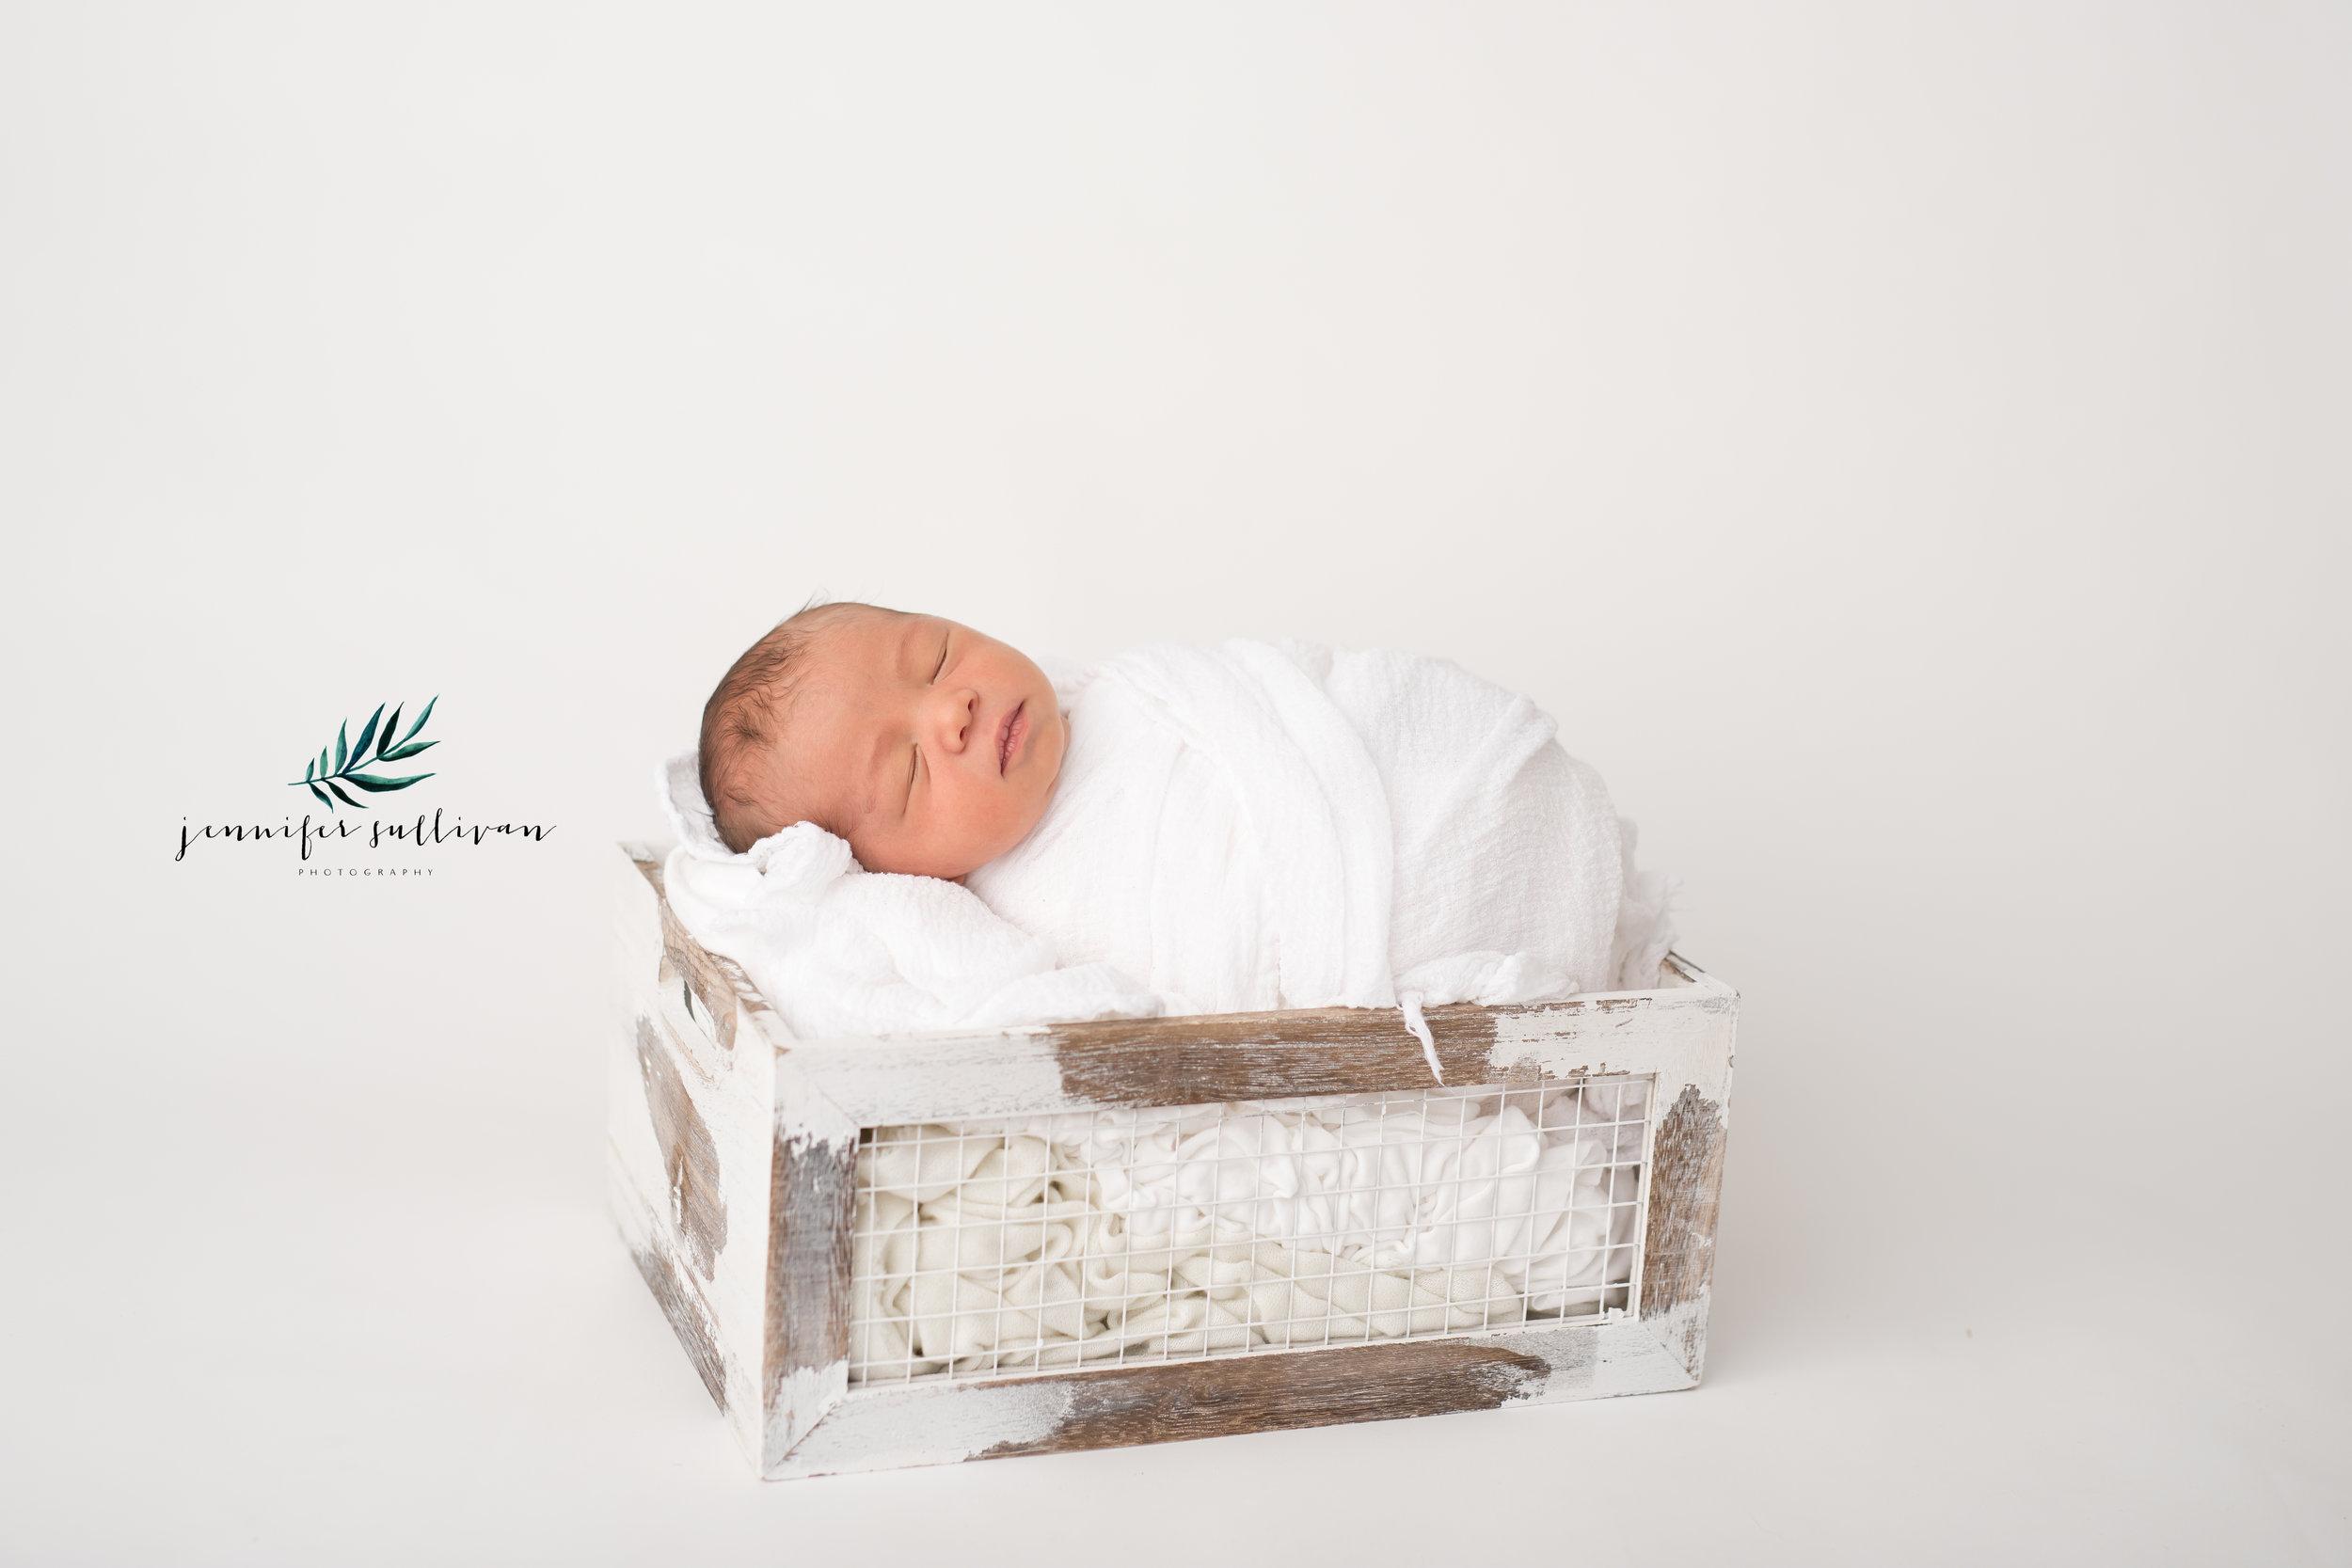 dartmouth baby photographer newborn-405.jpg